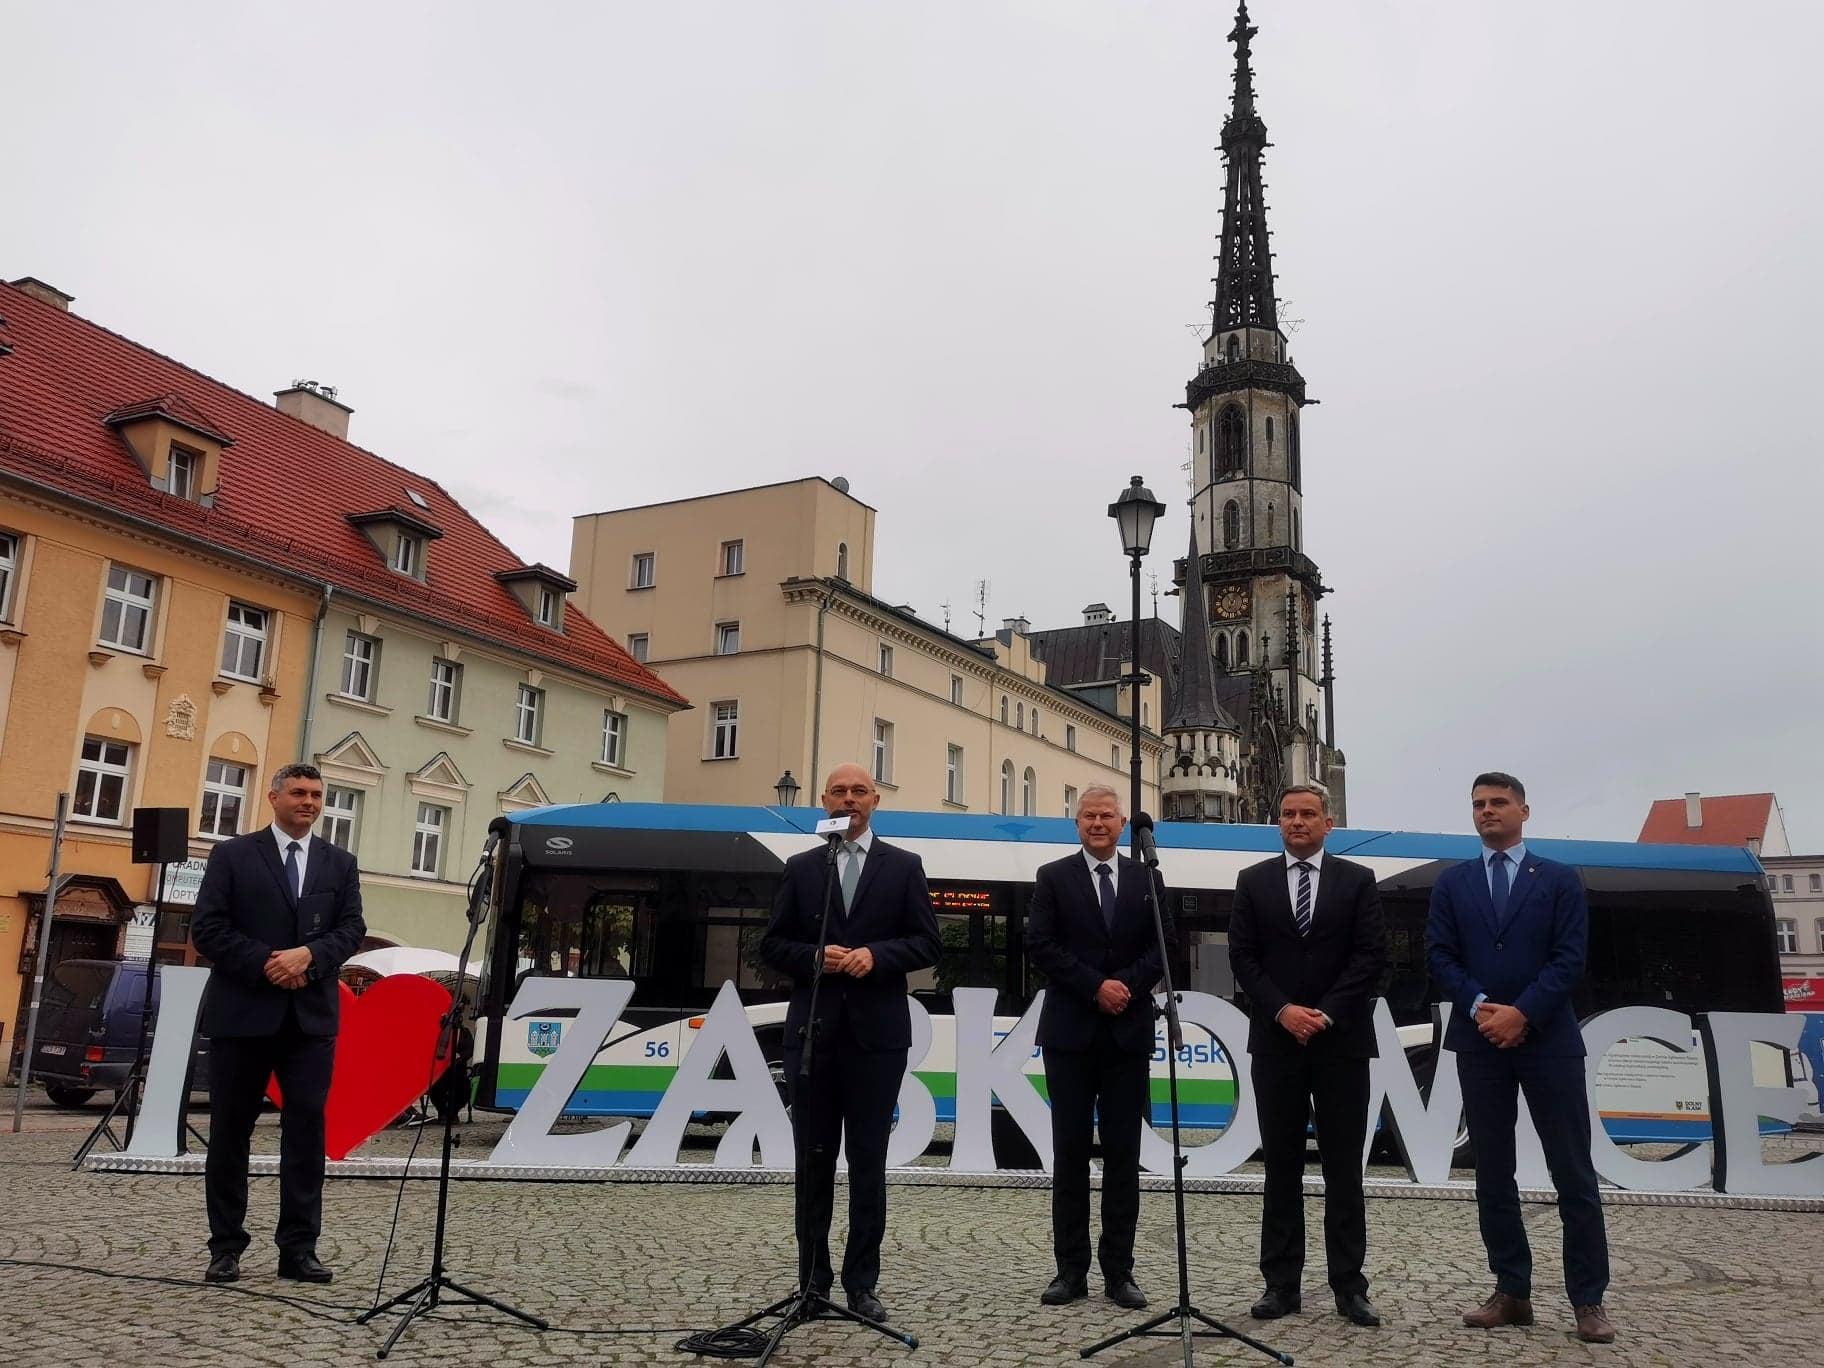 Ząbkowice Śląskie: Włodarze miast naszego powiatu spotkali się z przedstawicielami rządu - Zdjęcie główne